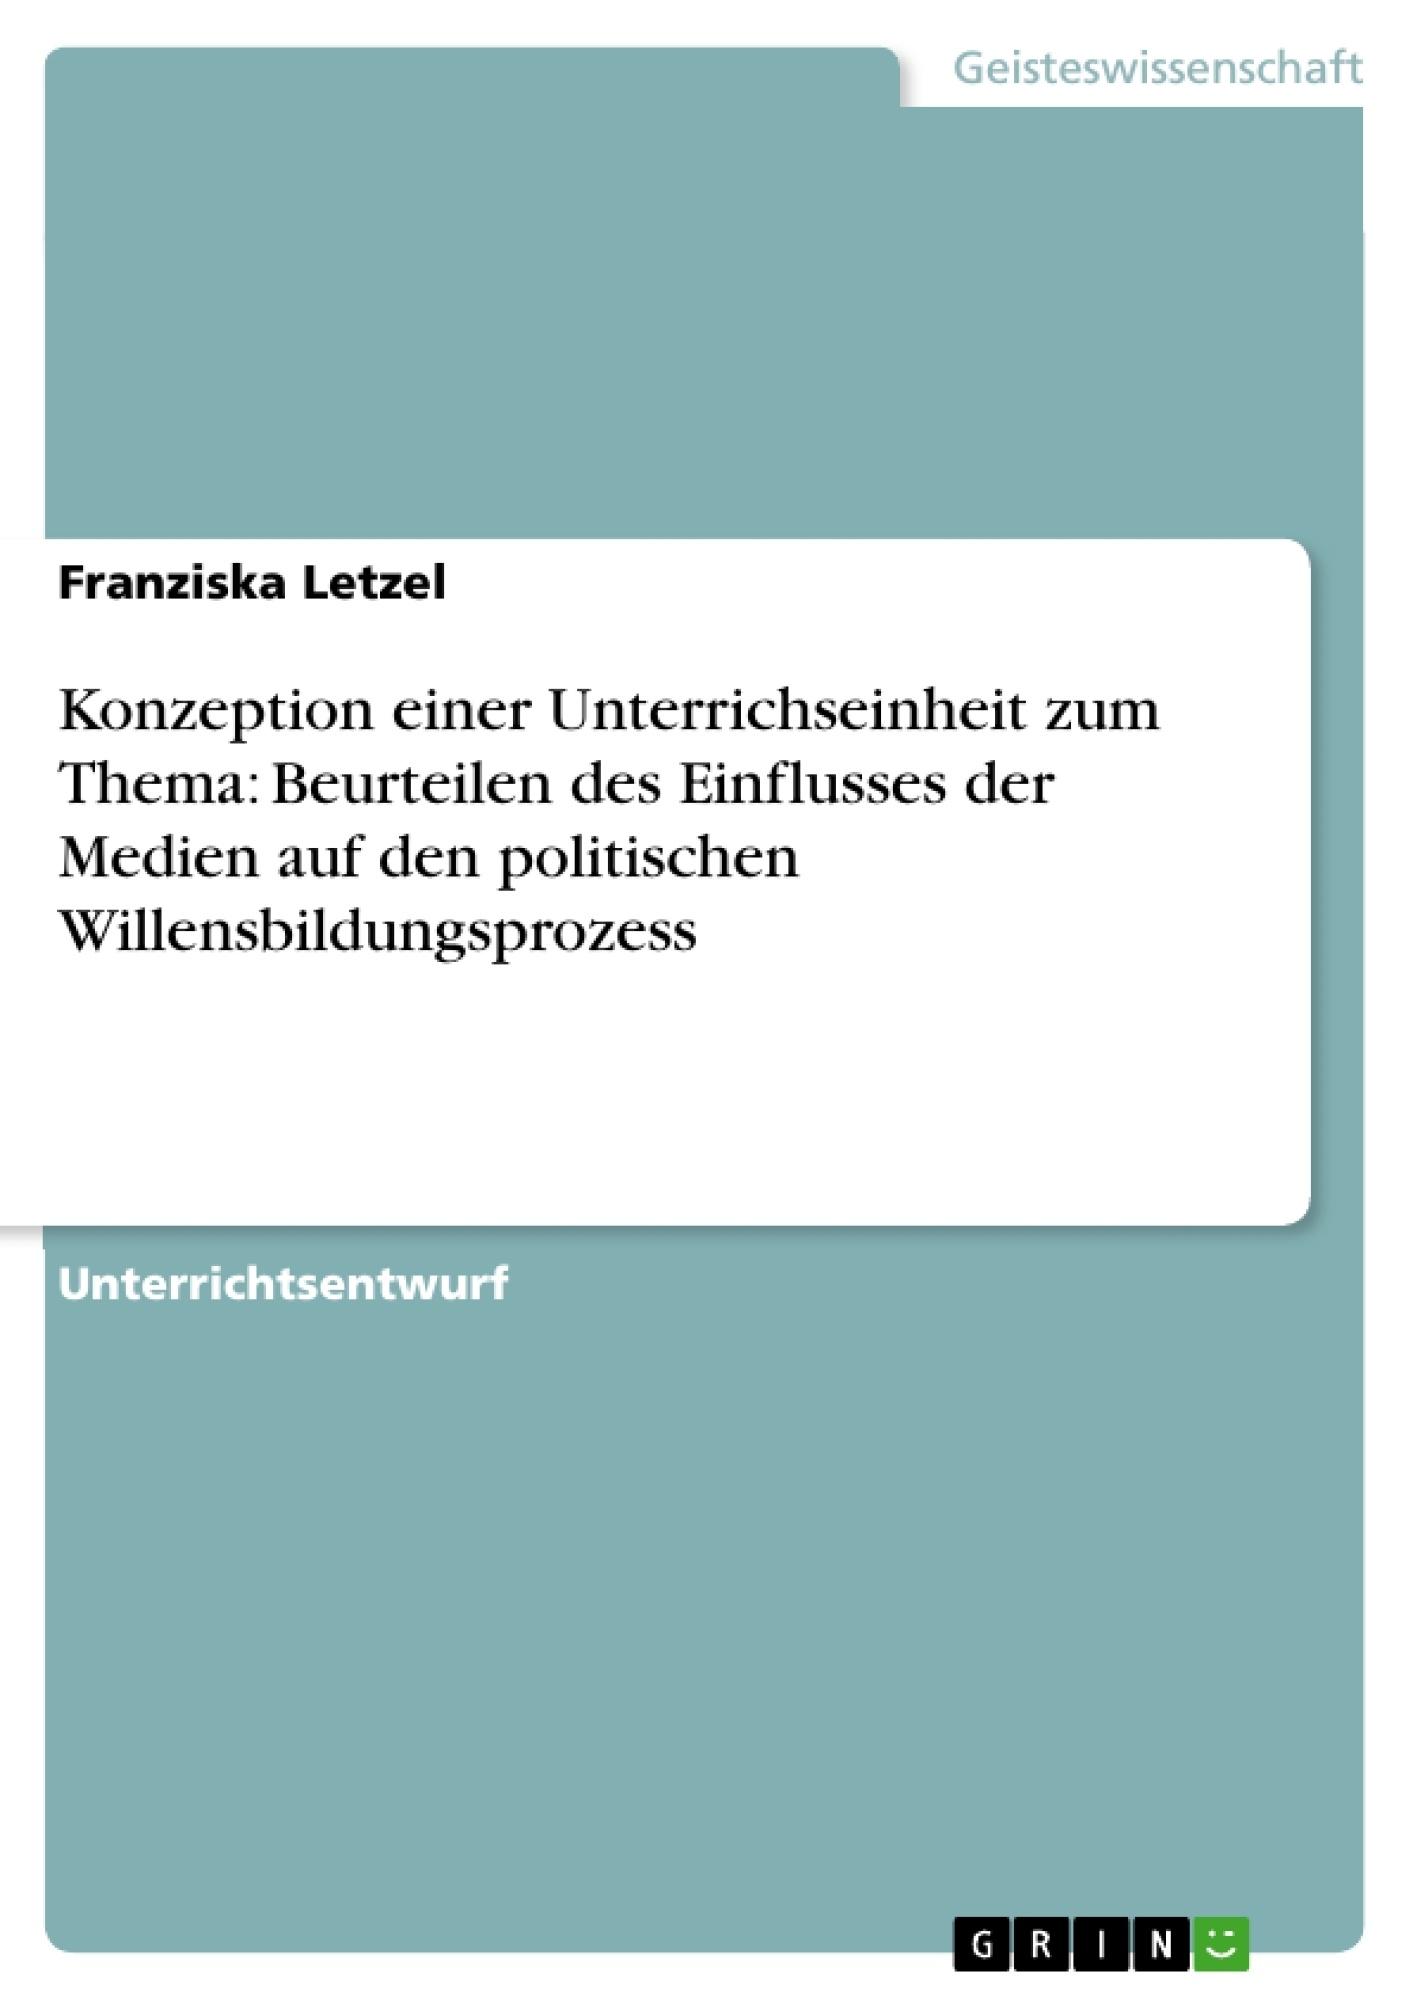 Titel: Konzeption einer Unterrichseinheit zum Thema: Beurteilen des Einflusses der Medien auf den politischen  Willensbildungsprozess